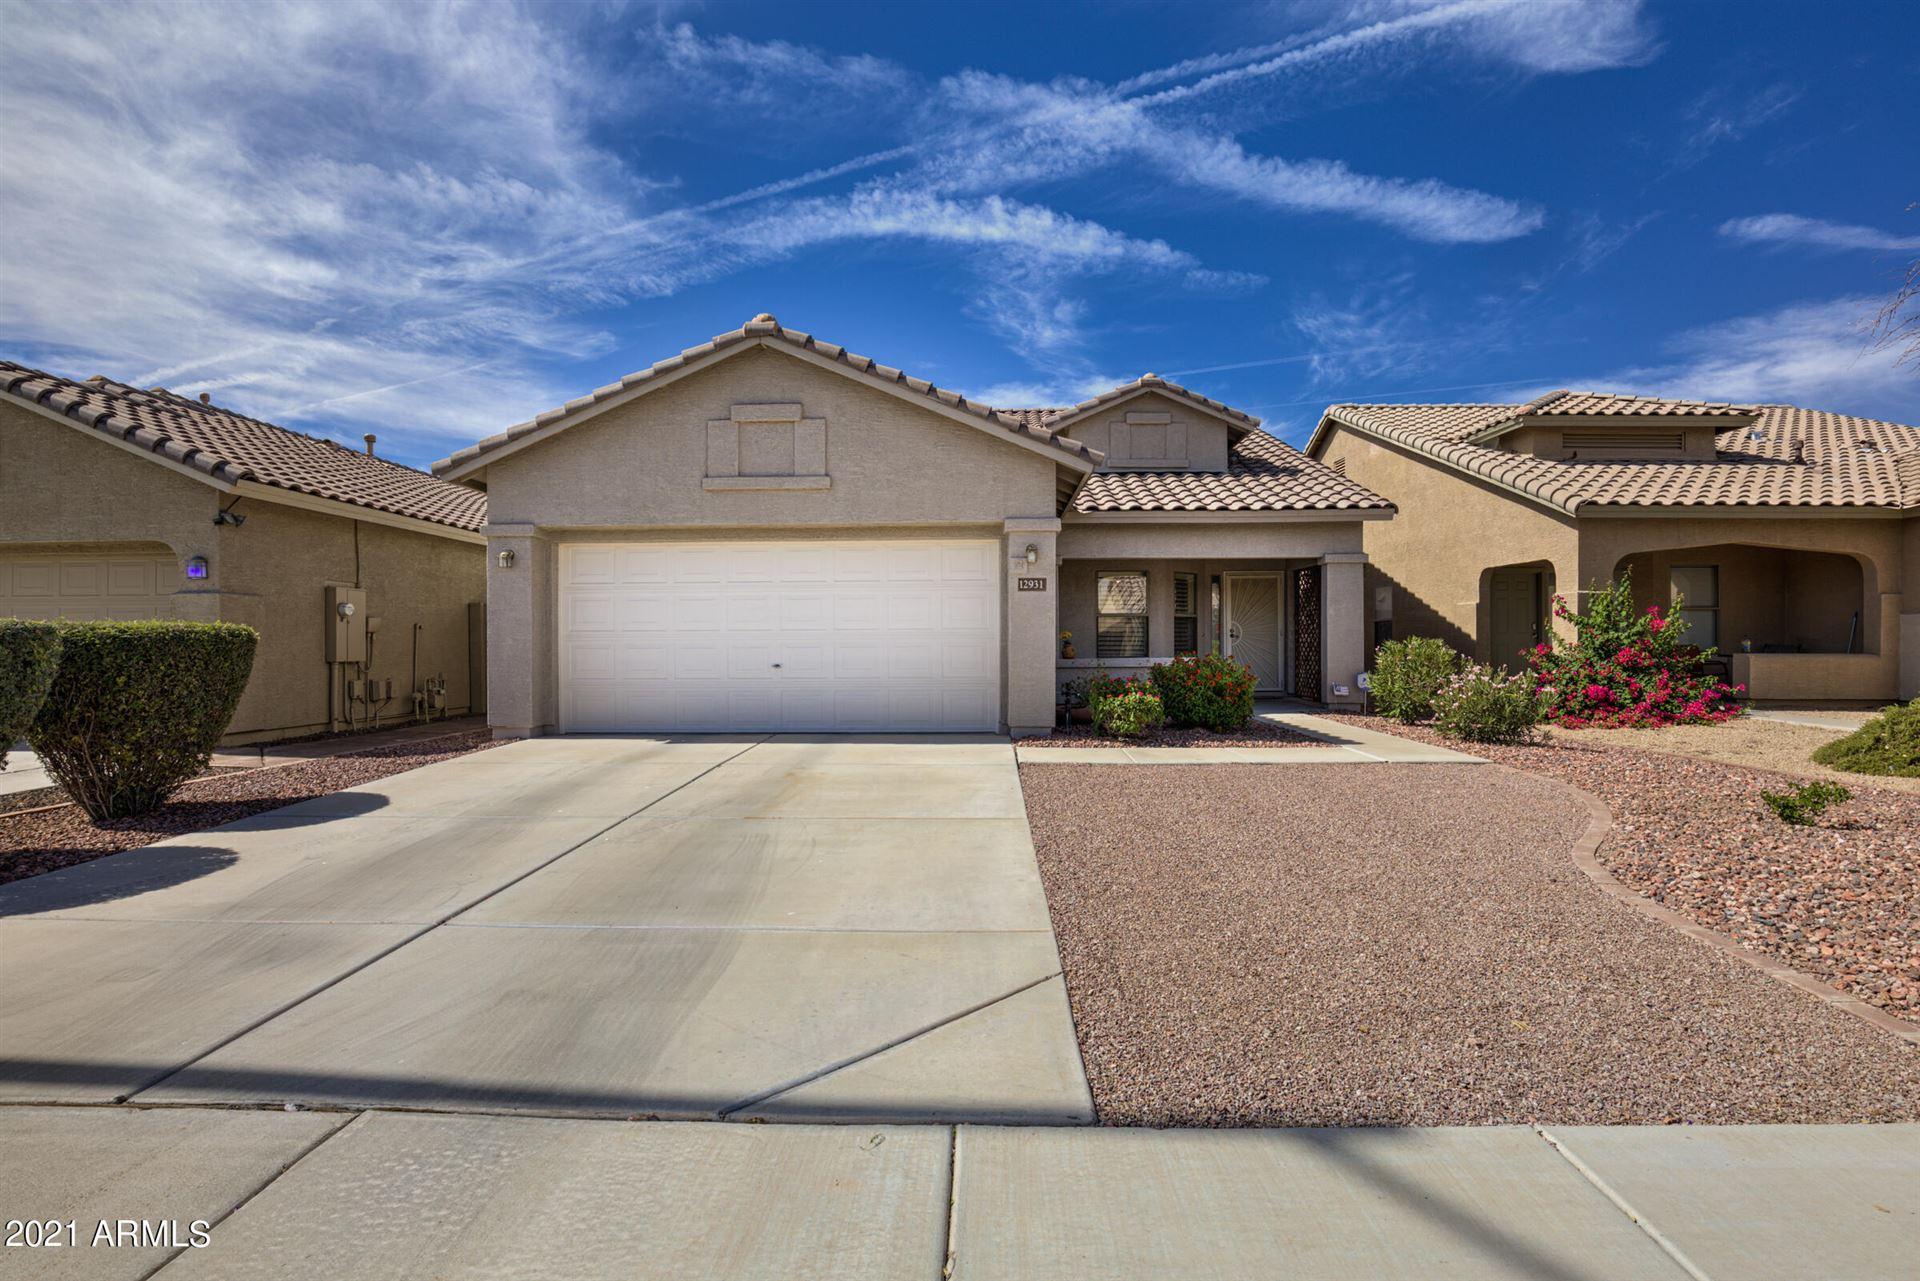 Photo of 12931 W Whitton Avenue, Avondale, AZ 85392 (MLS # 6248915)